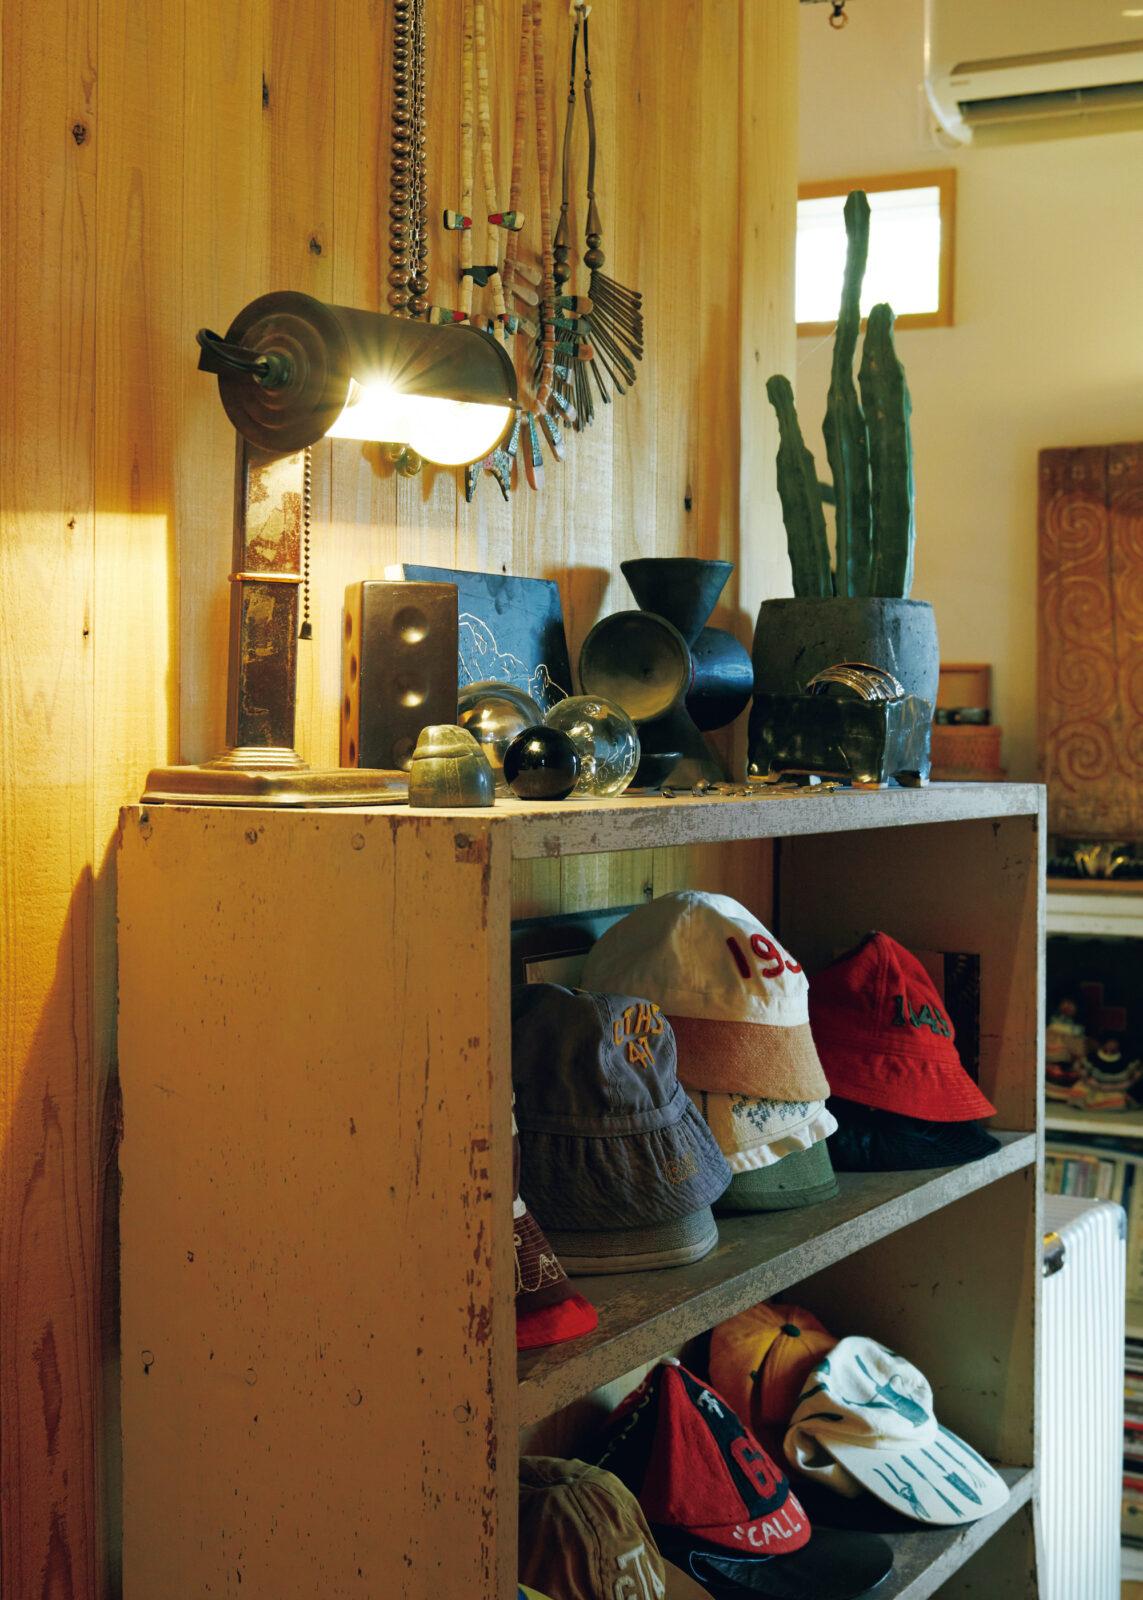 回廊の一角。古い靴箱に岩井さんが集めたヴィンテージのボーイスカウトハットやサイクリングハットがずらり。照明はロサンゼルスのアンティークモールで購入した。